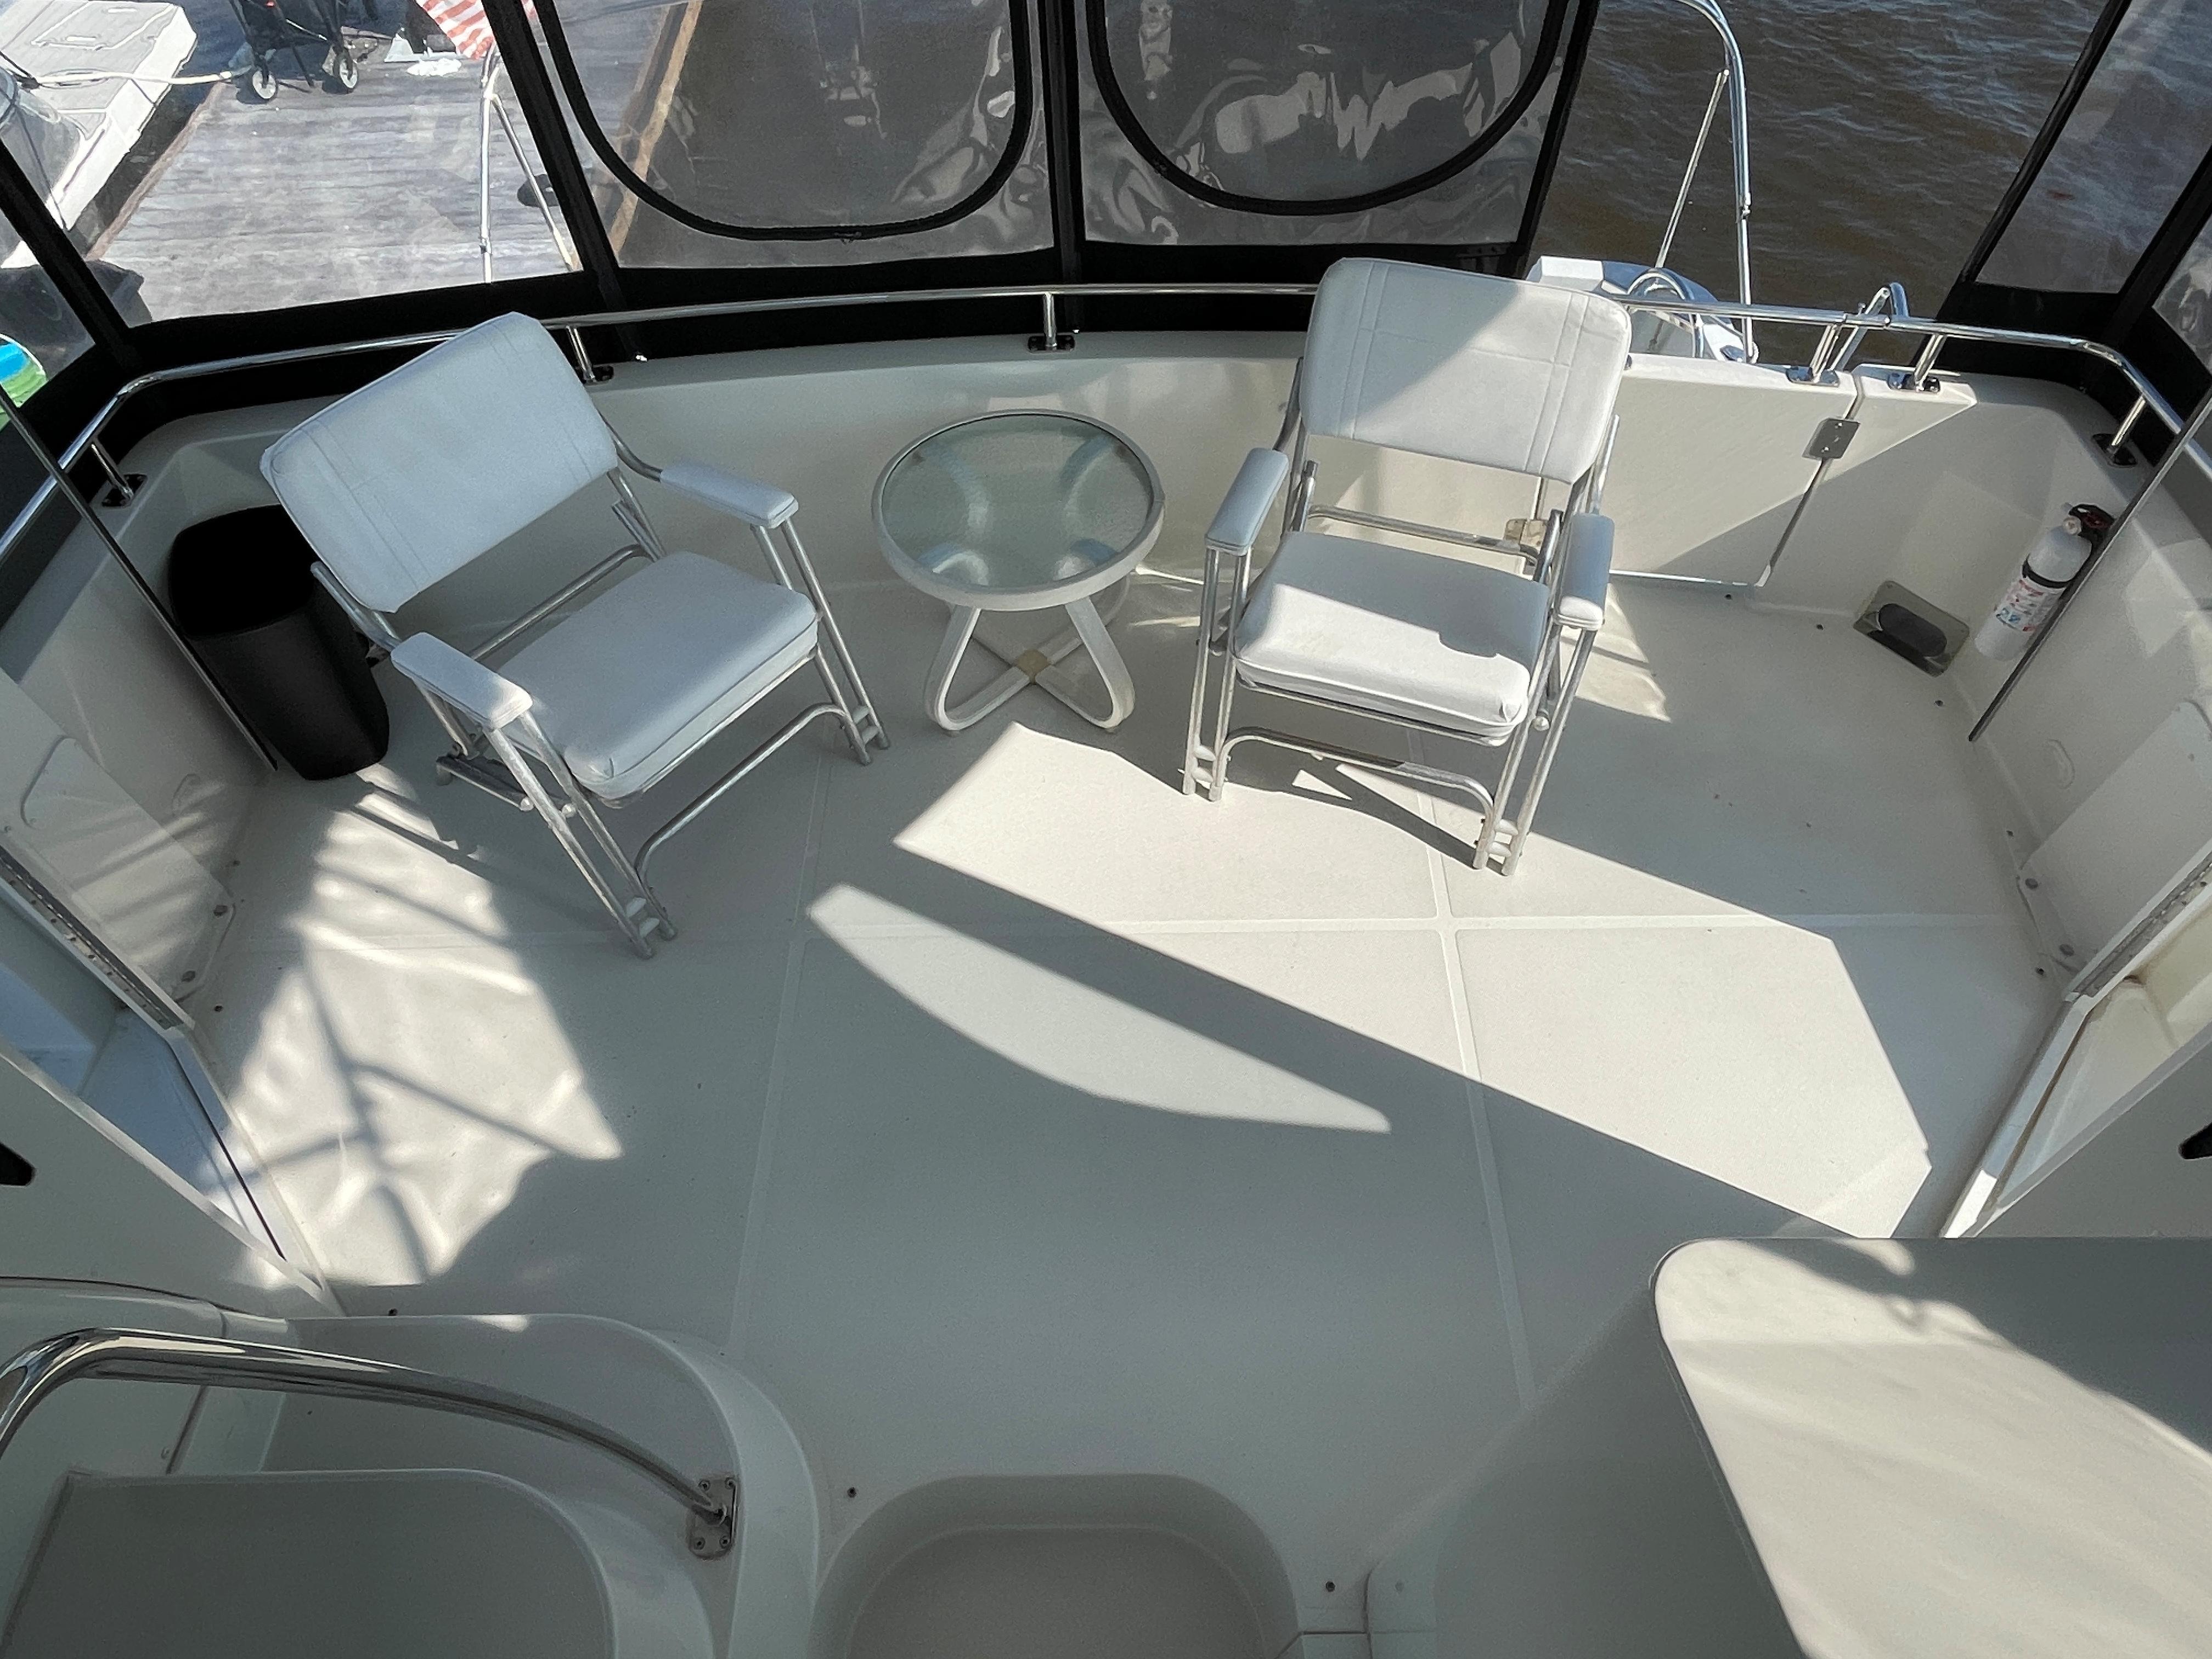 Carver 444 Cockpit Motor Yacht - Aft Deck Seating